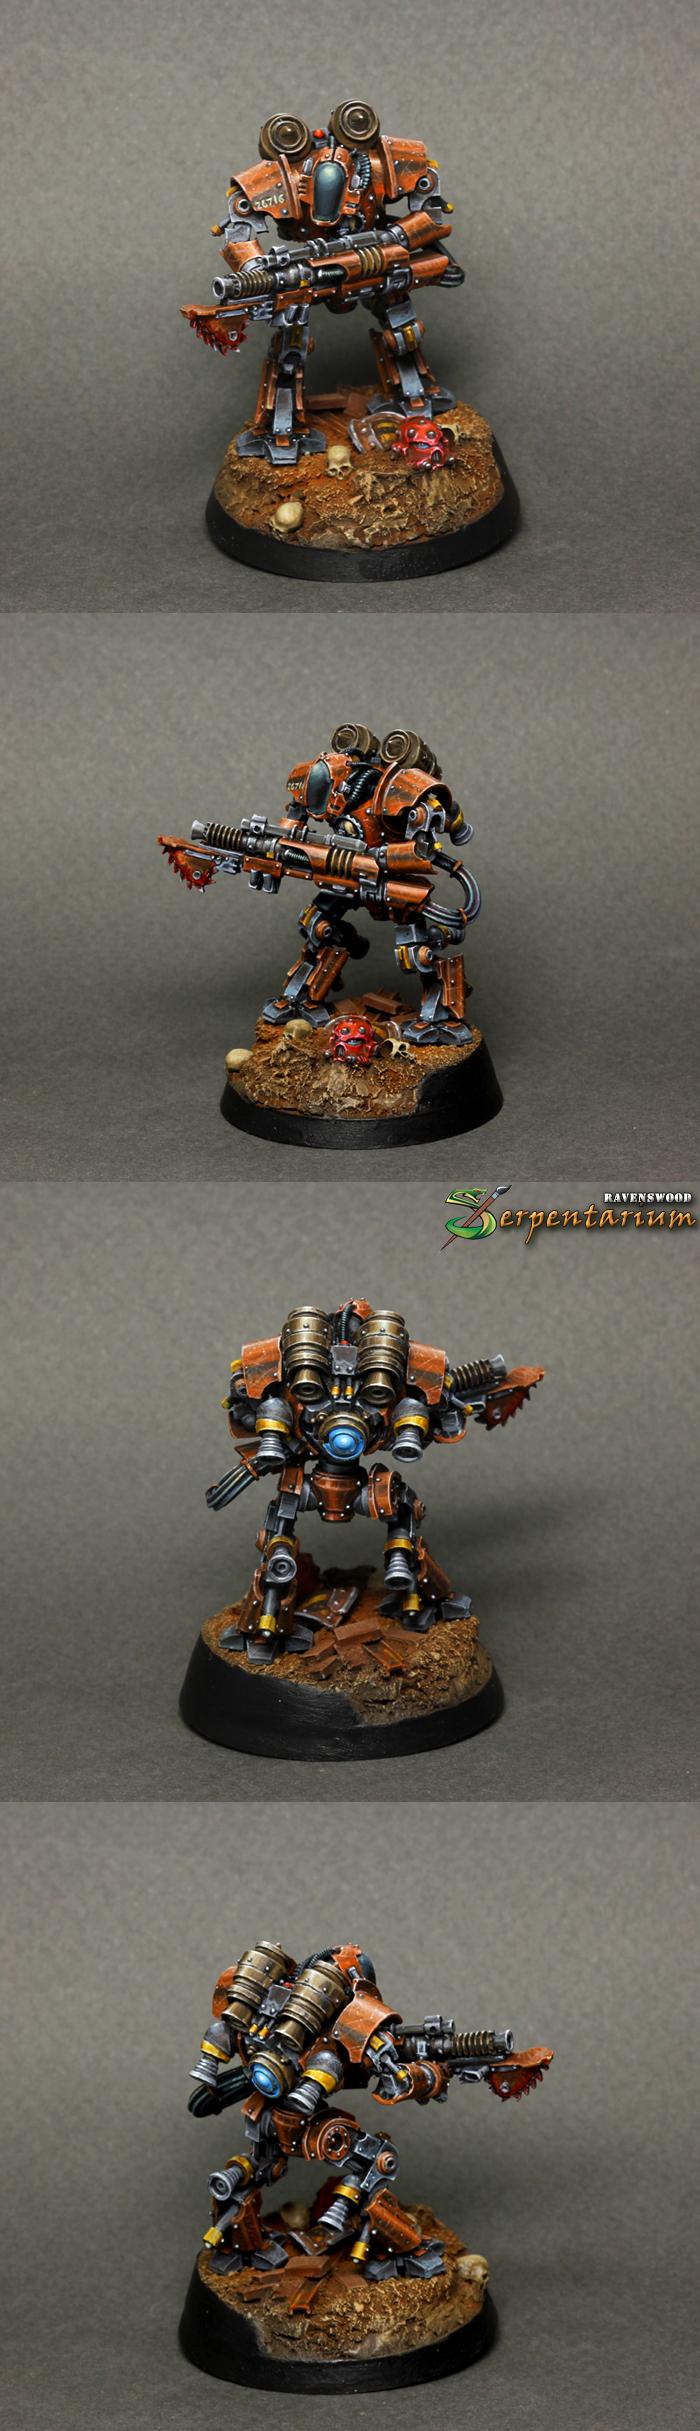 Forgeworld Mechanicum Thallax